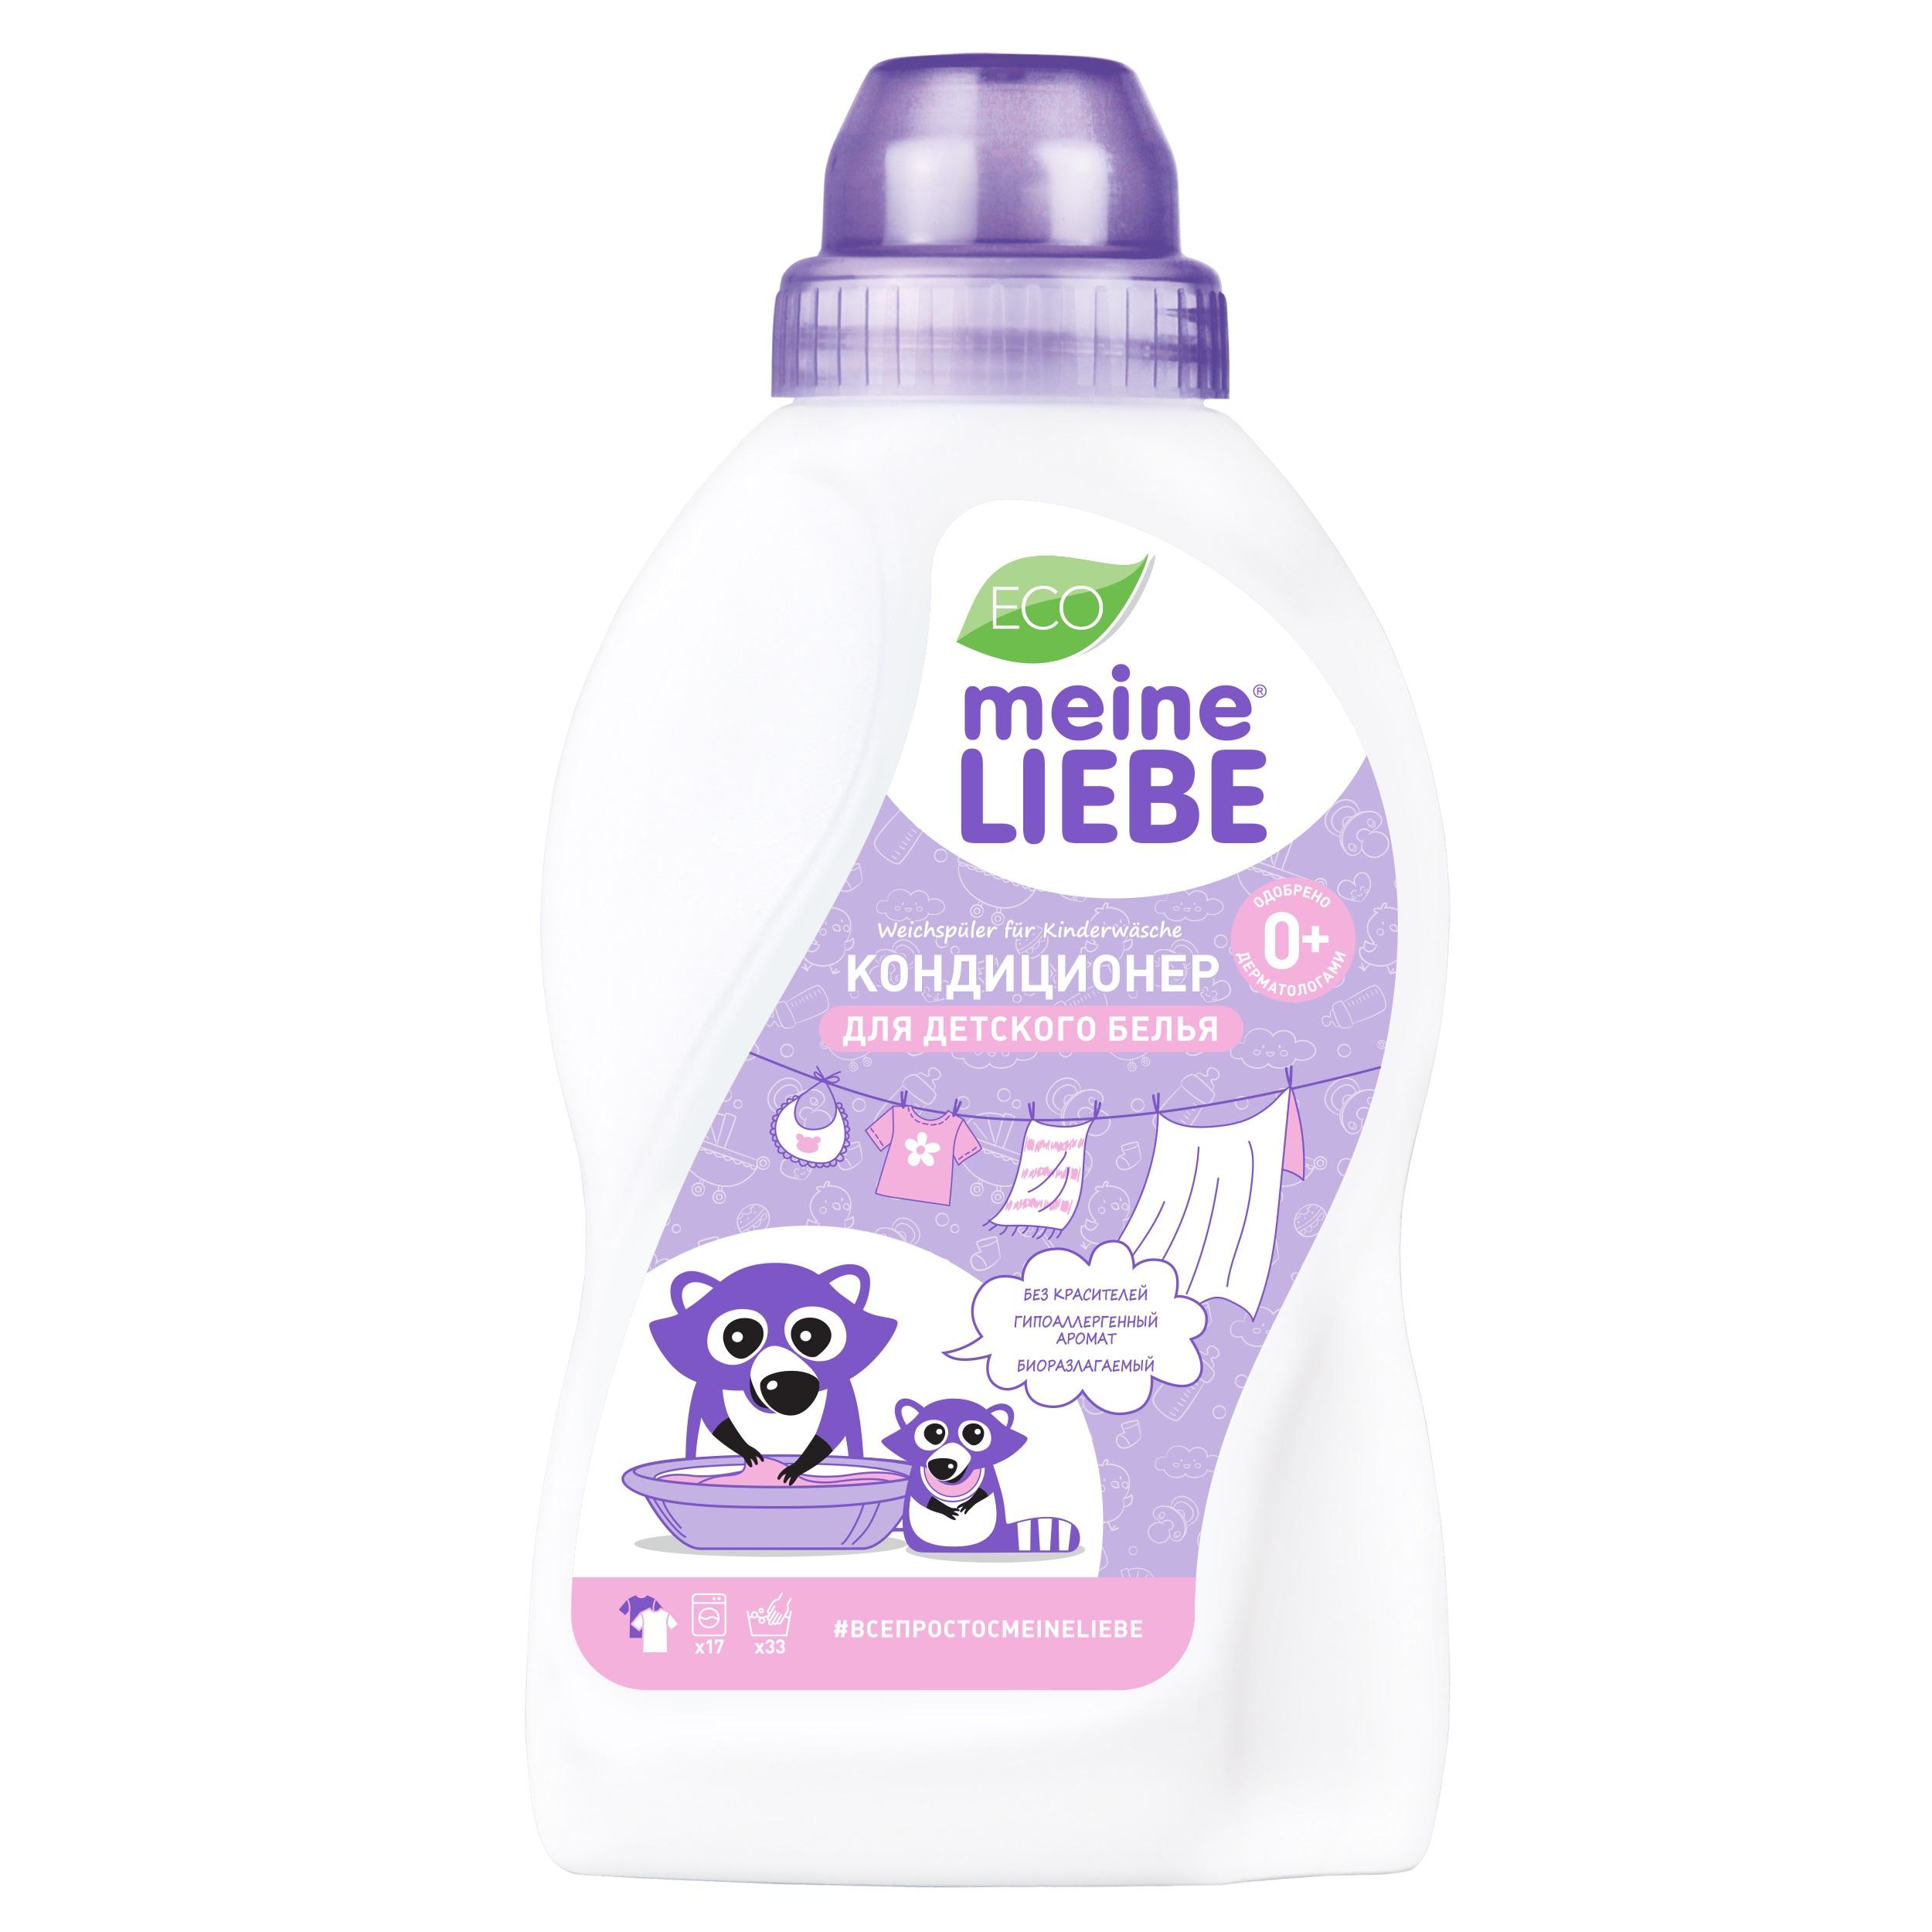 Кондиционер Meine Liebe Концентрат 500 мл. гель для мытья посуды meine liebe концентрат гранат и цветы шиповника 500 мл